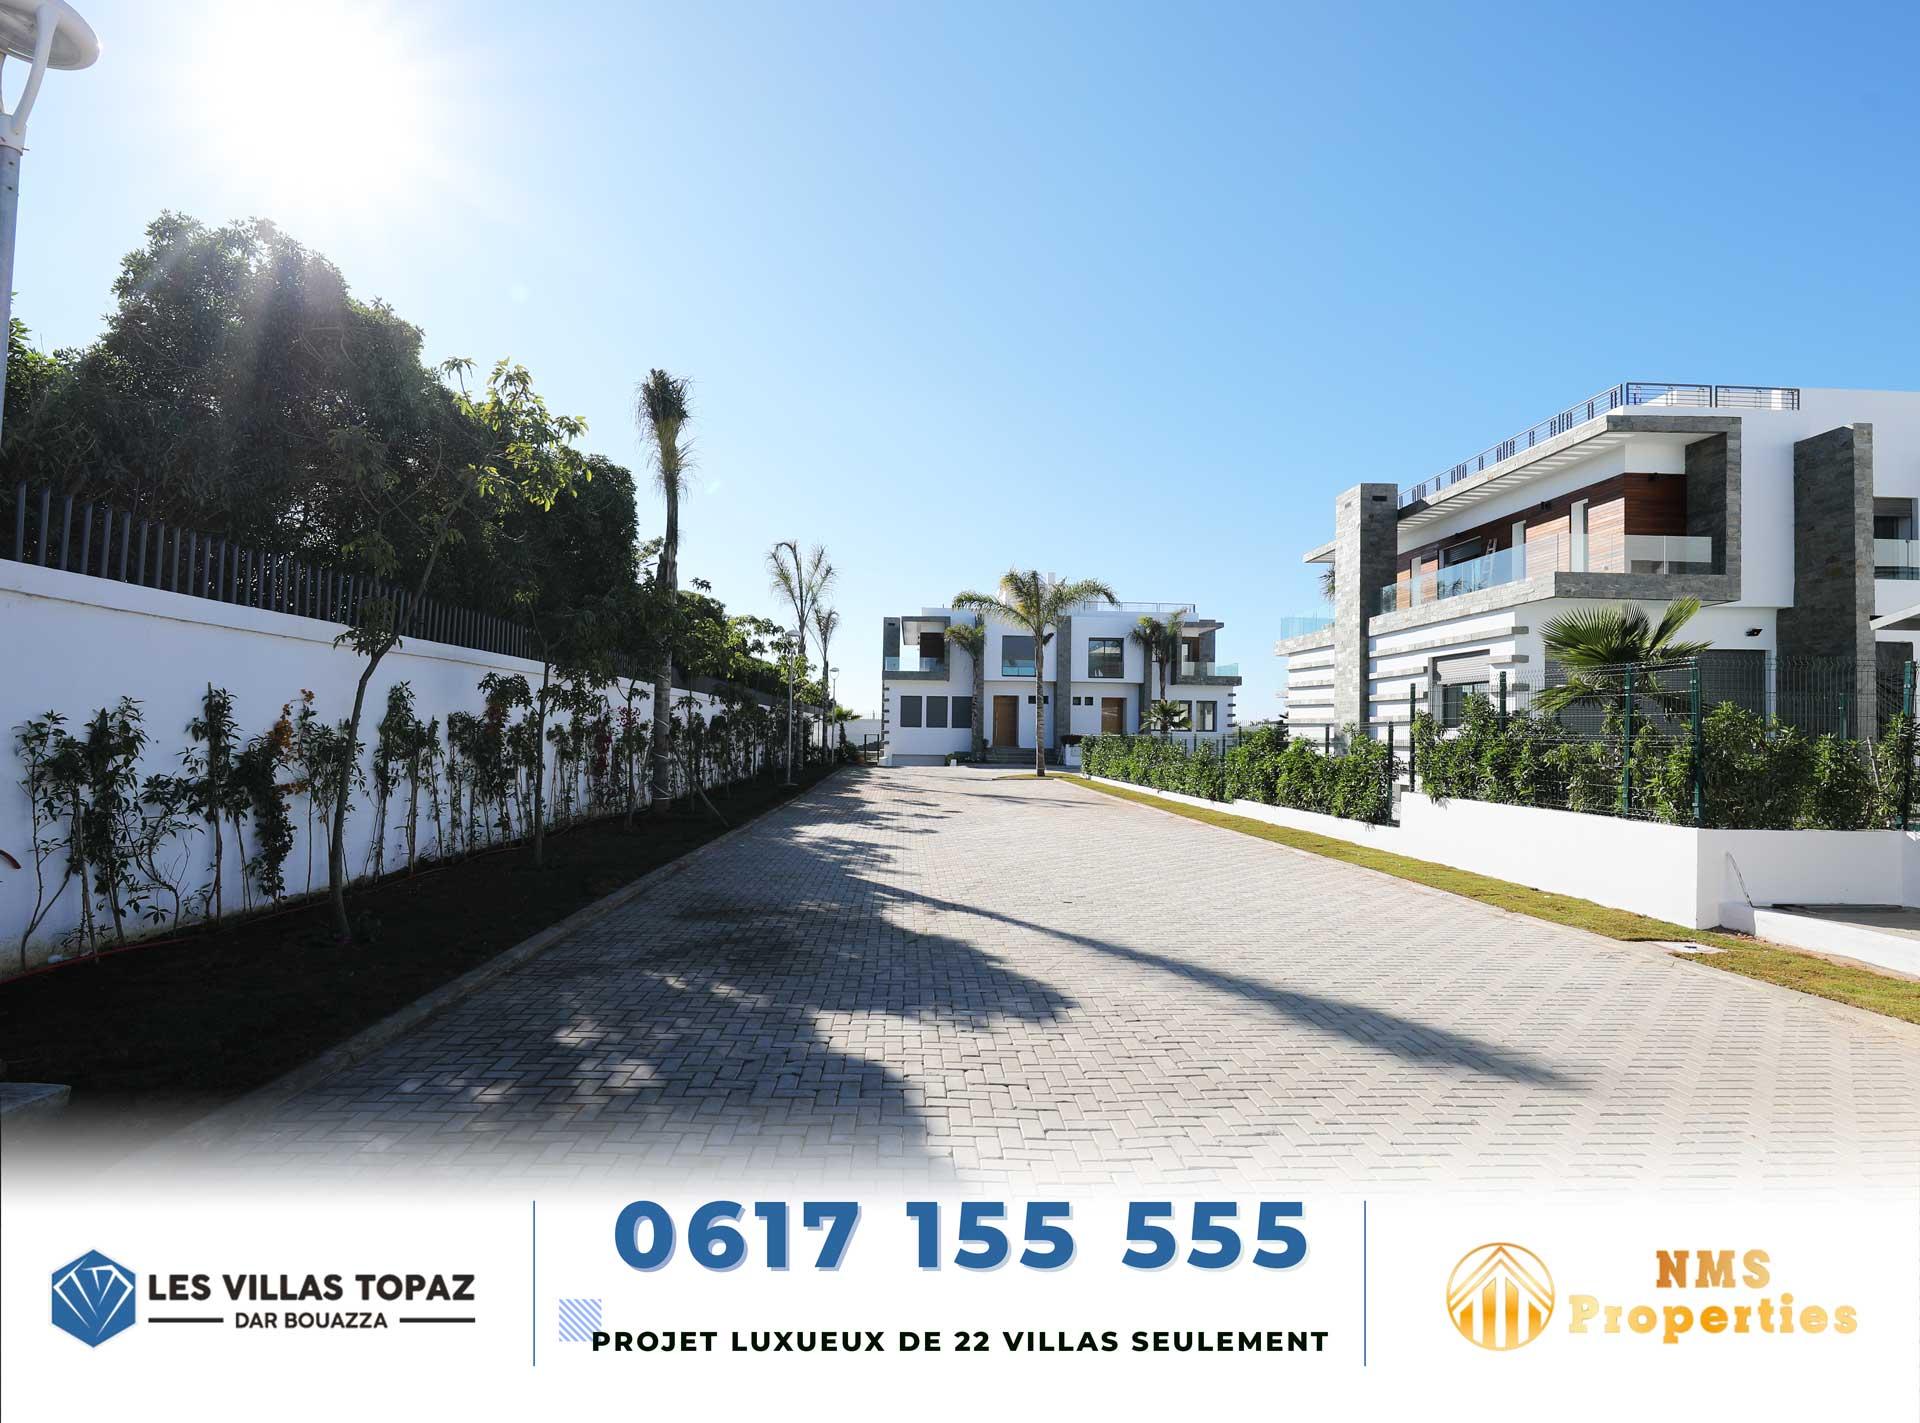 iCom-Agence-de-Communication-au-Maroc-Casablanca-creation-audiovisuelle-et-production-video-nms-villas-topaz2020-05-24 at 3.49.58 PM 19